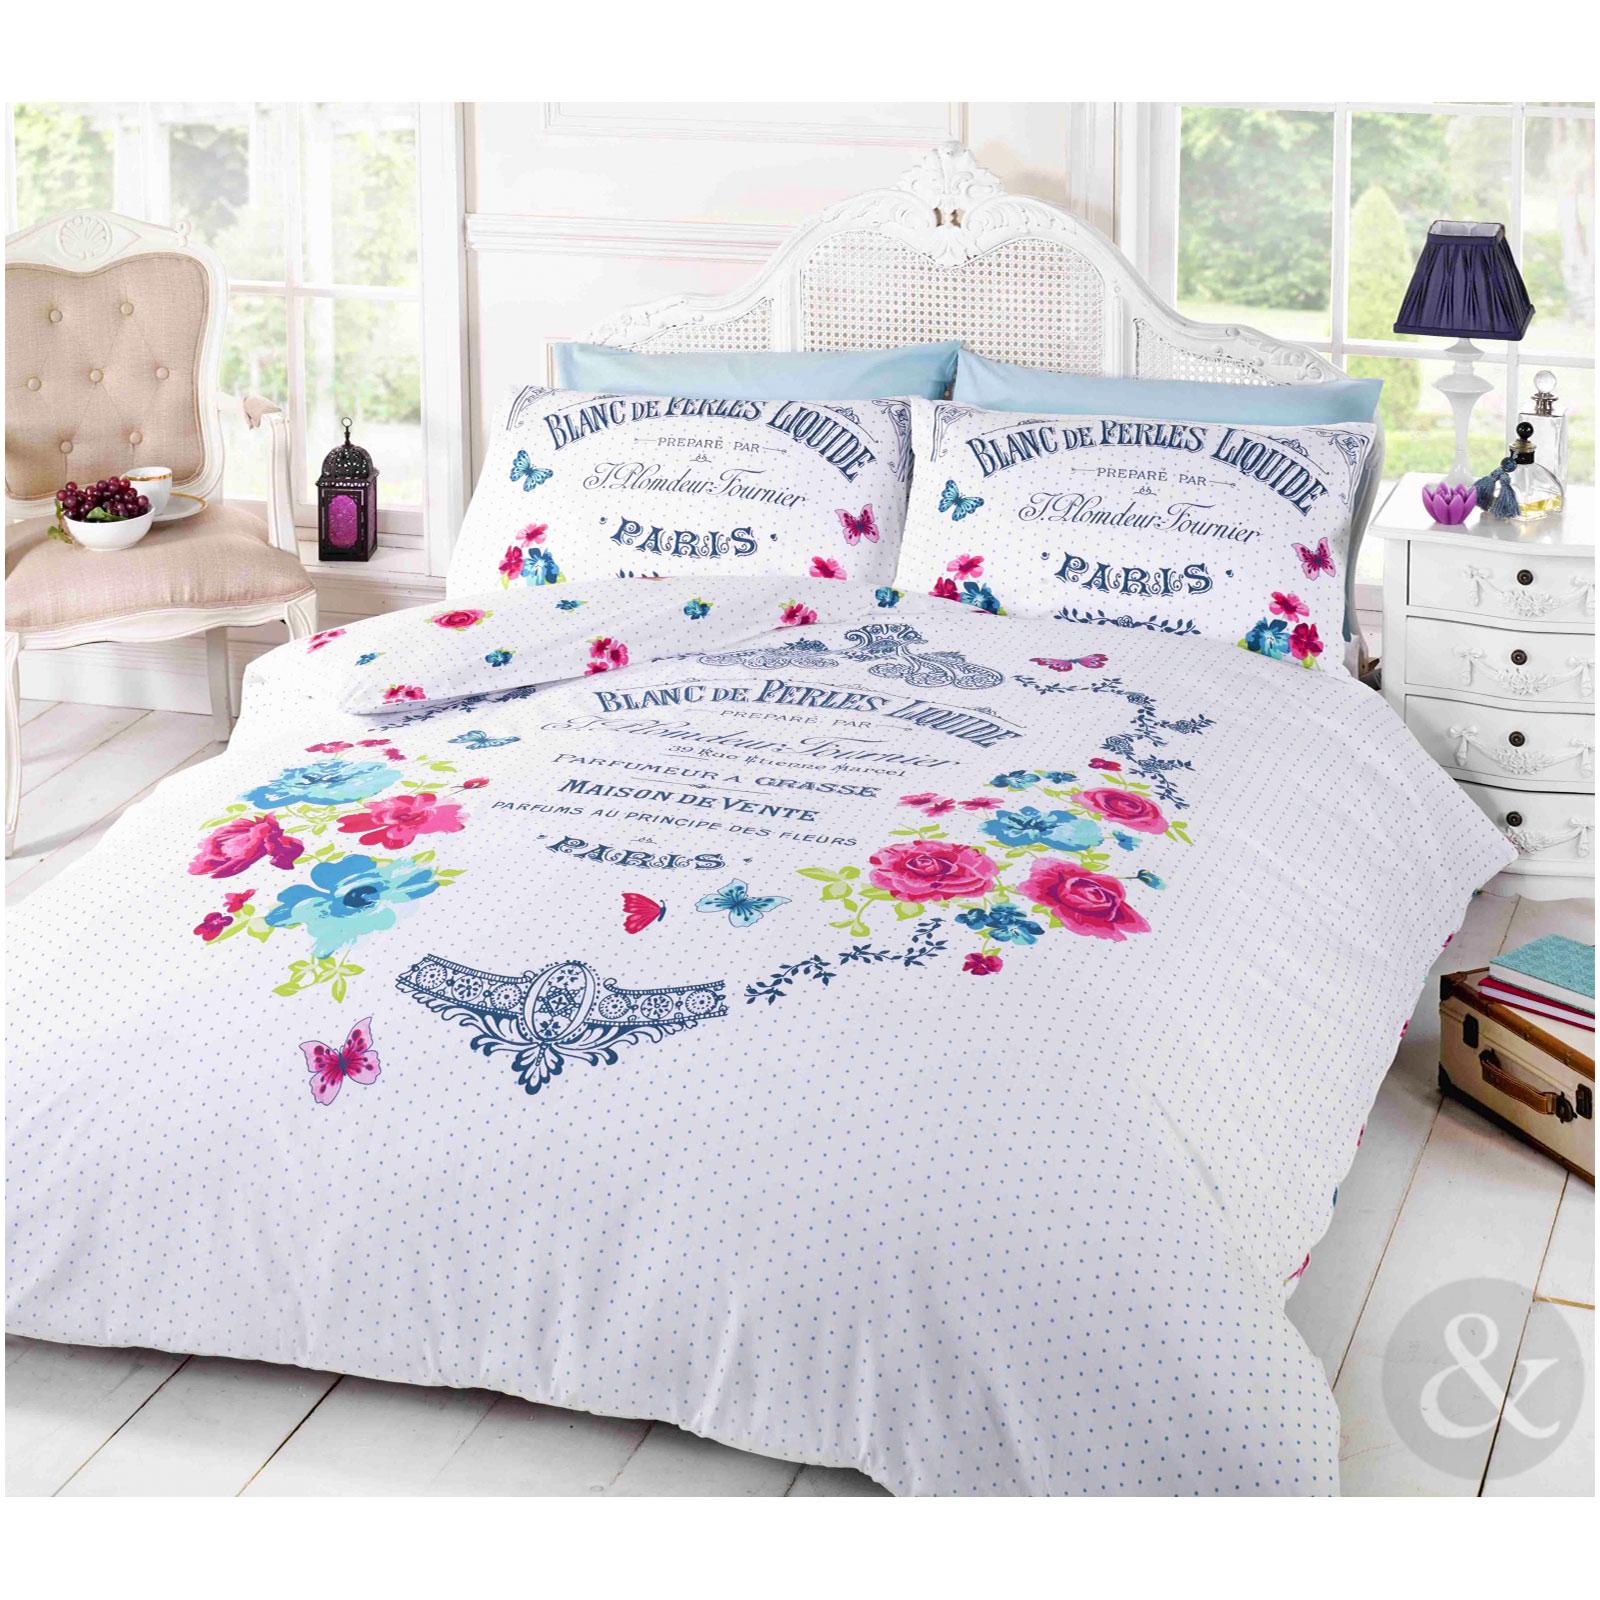 fran ais paris housse de couette shabby chic floral papillon blanc literie ensemble de lit ebay. Black Bedroom Furniture Sets. Home Design Ideas